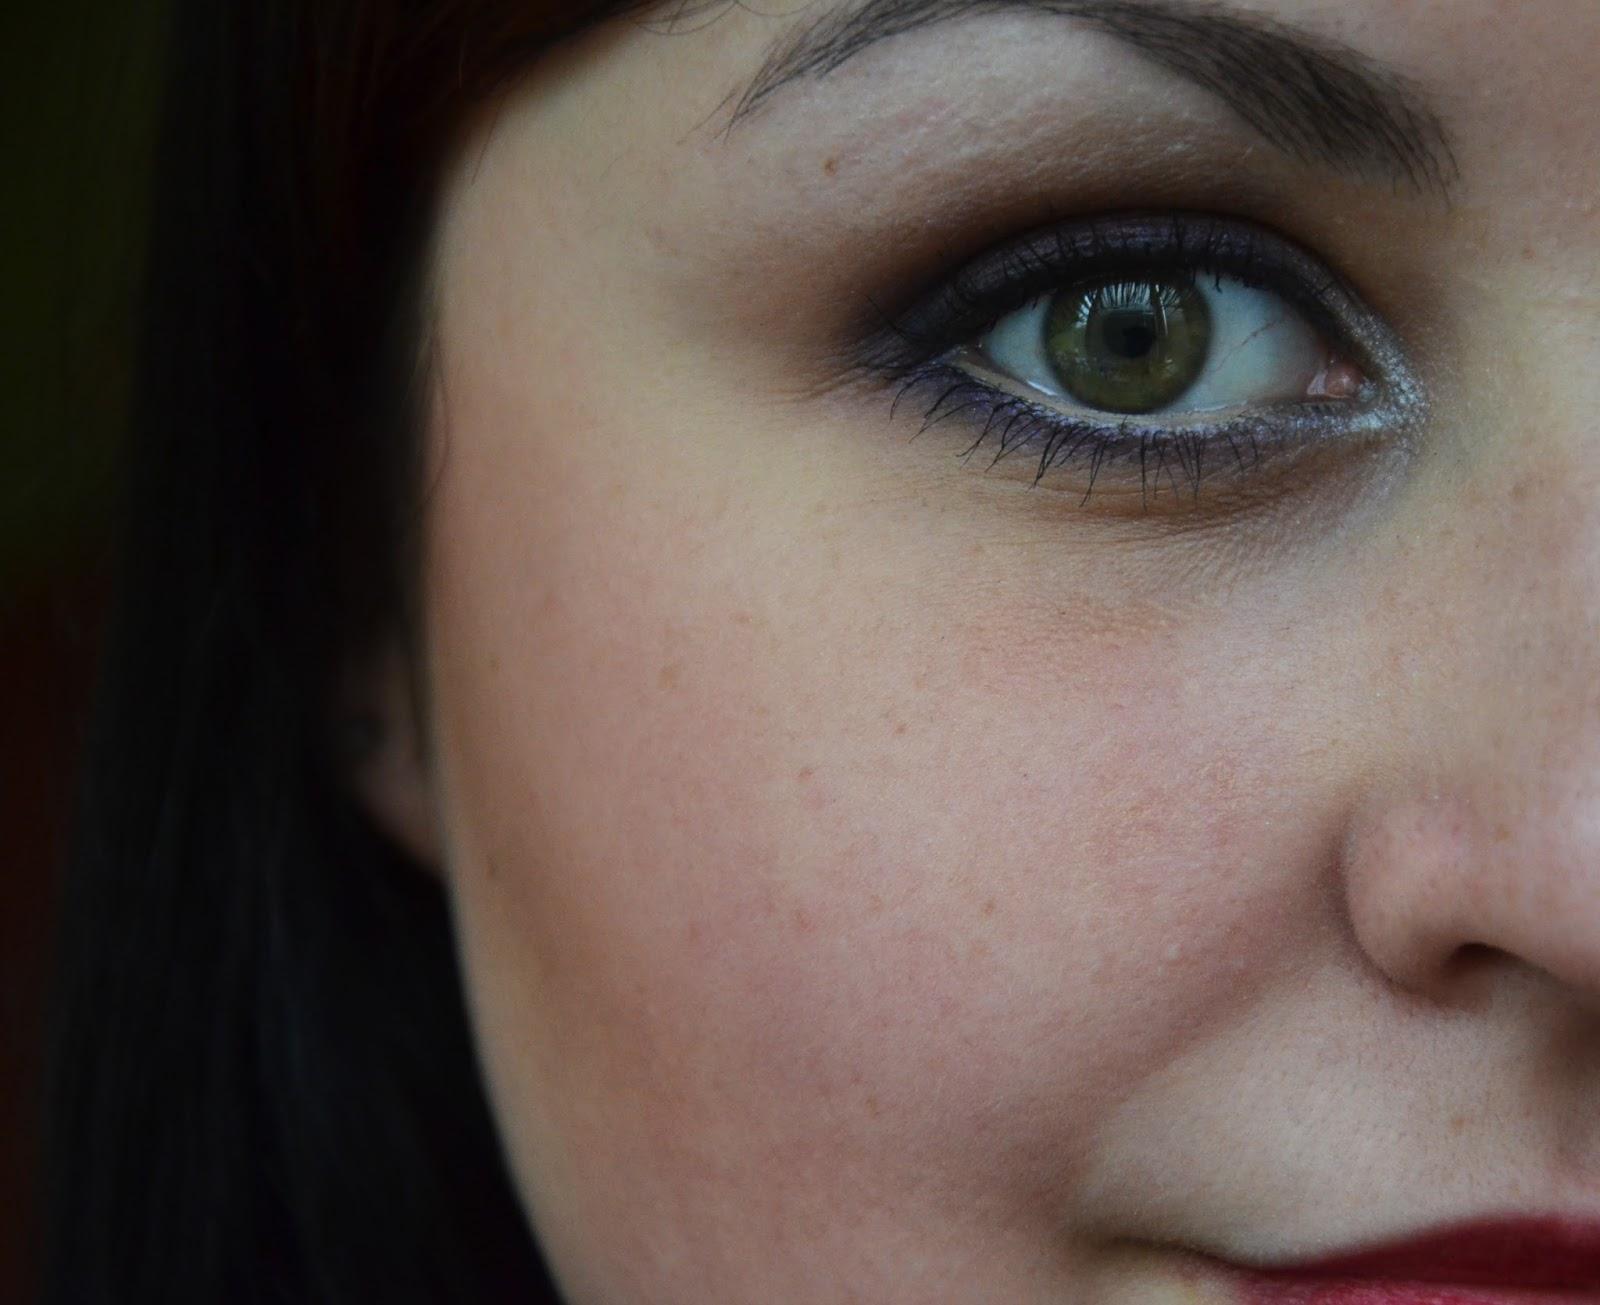 Mocniejszy dzienny makijaż wykonany paletką Sleek Vintage Romance